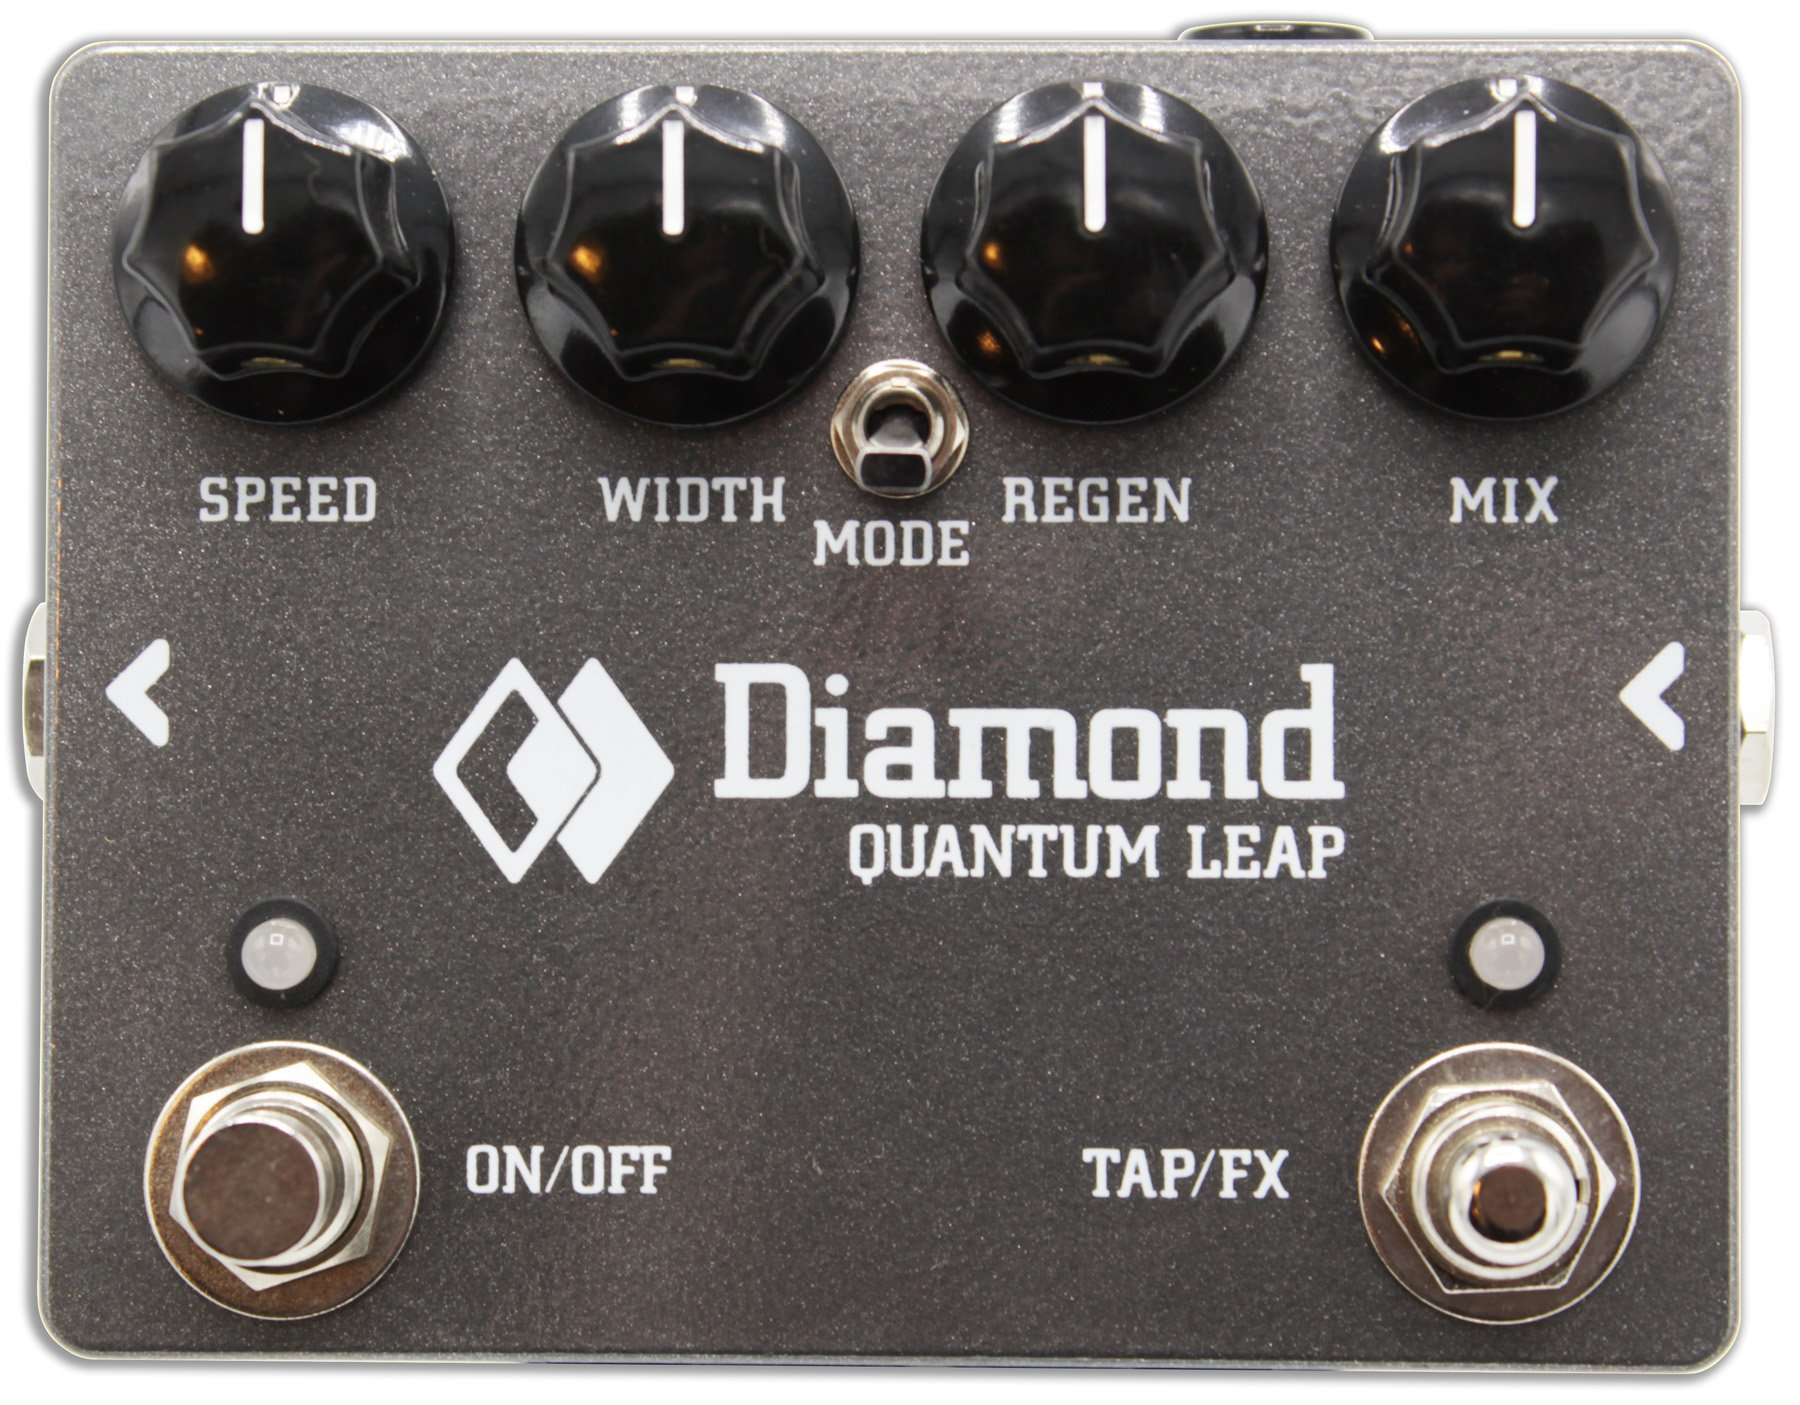 Diamond Quantum Leap Delay